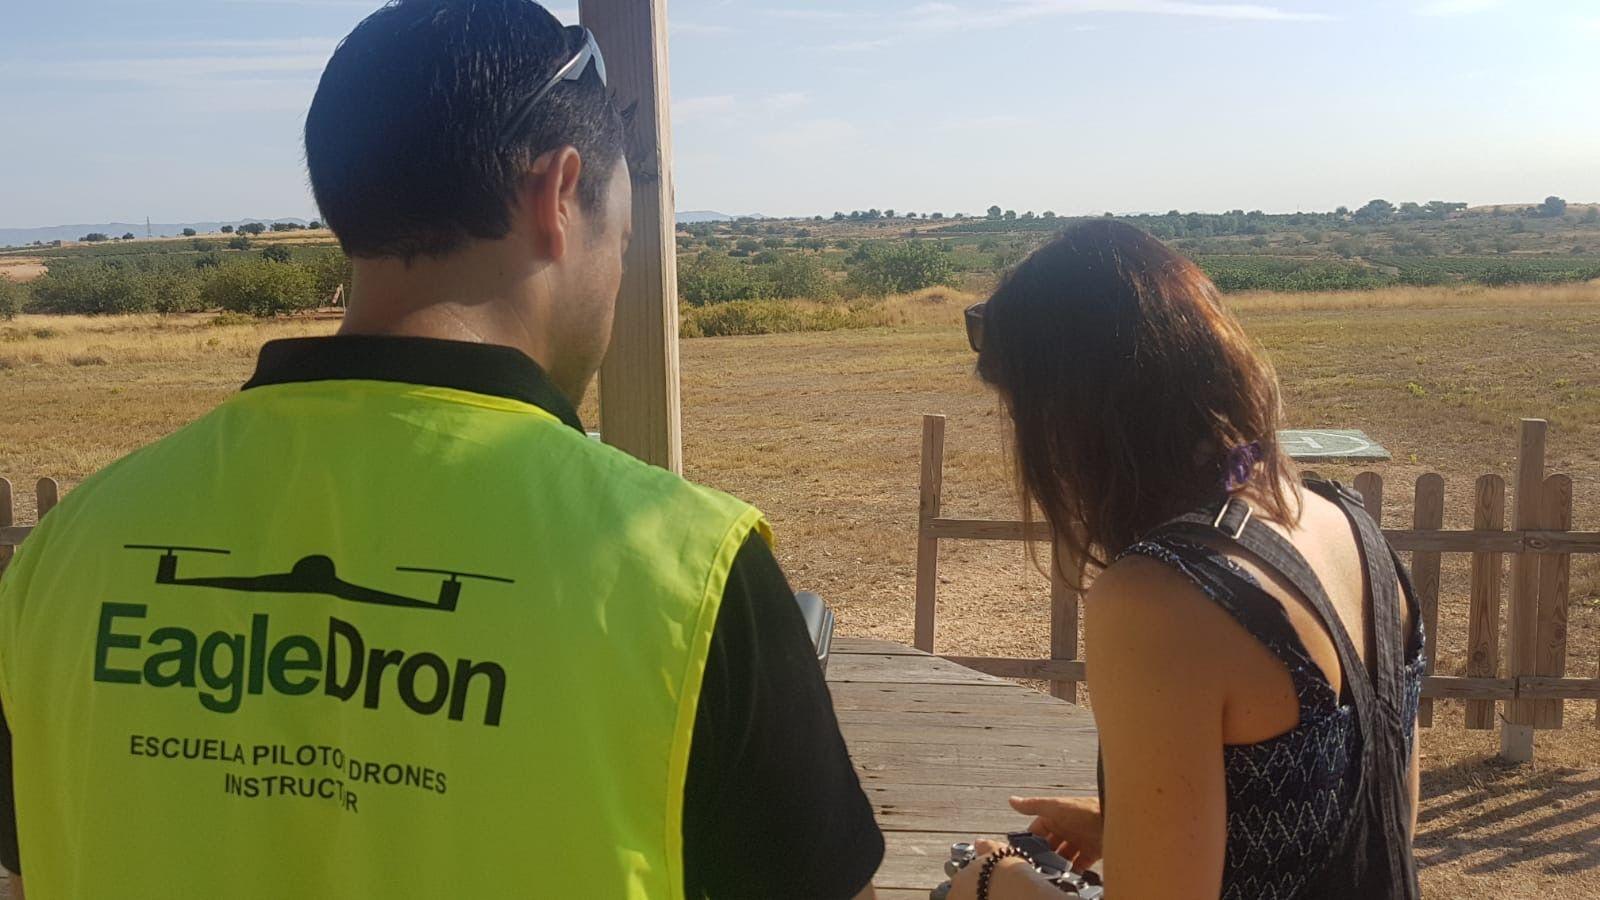 Prevuelo del curso oficial de iniciación a piloto drones